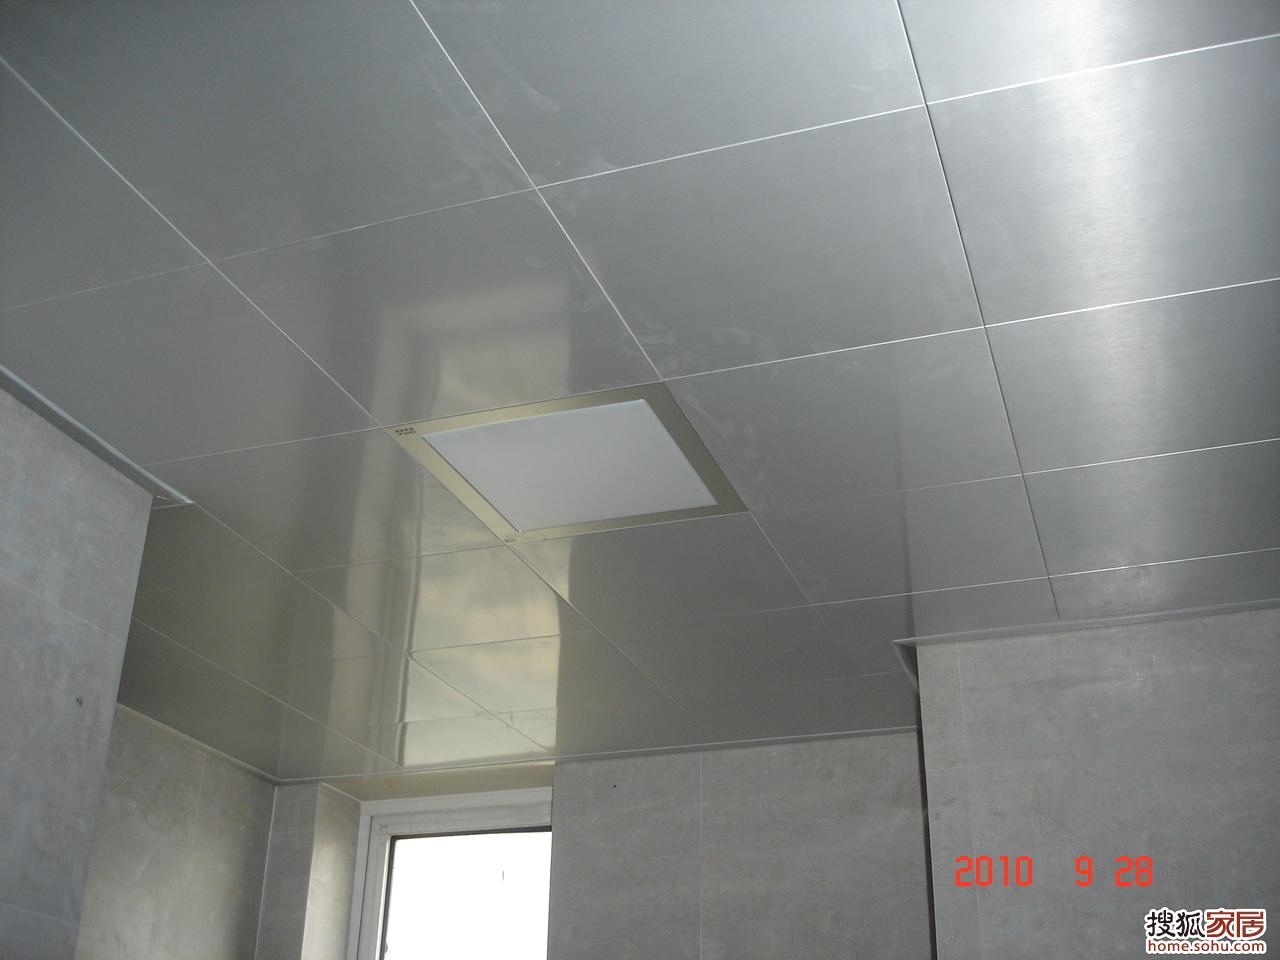 图片:卫生间厨房吊顶 新装修 晒晒